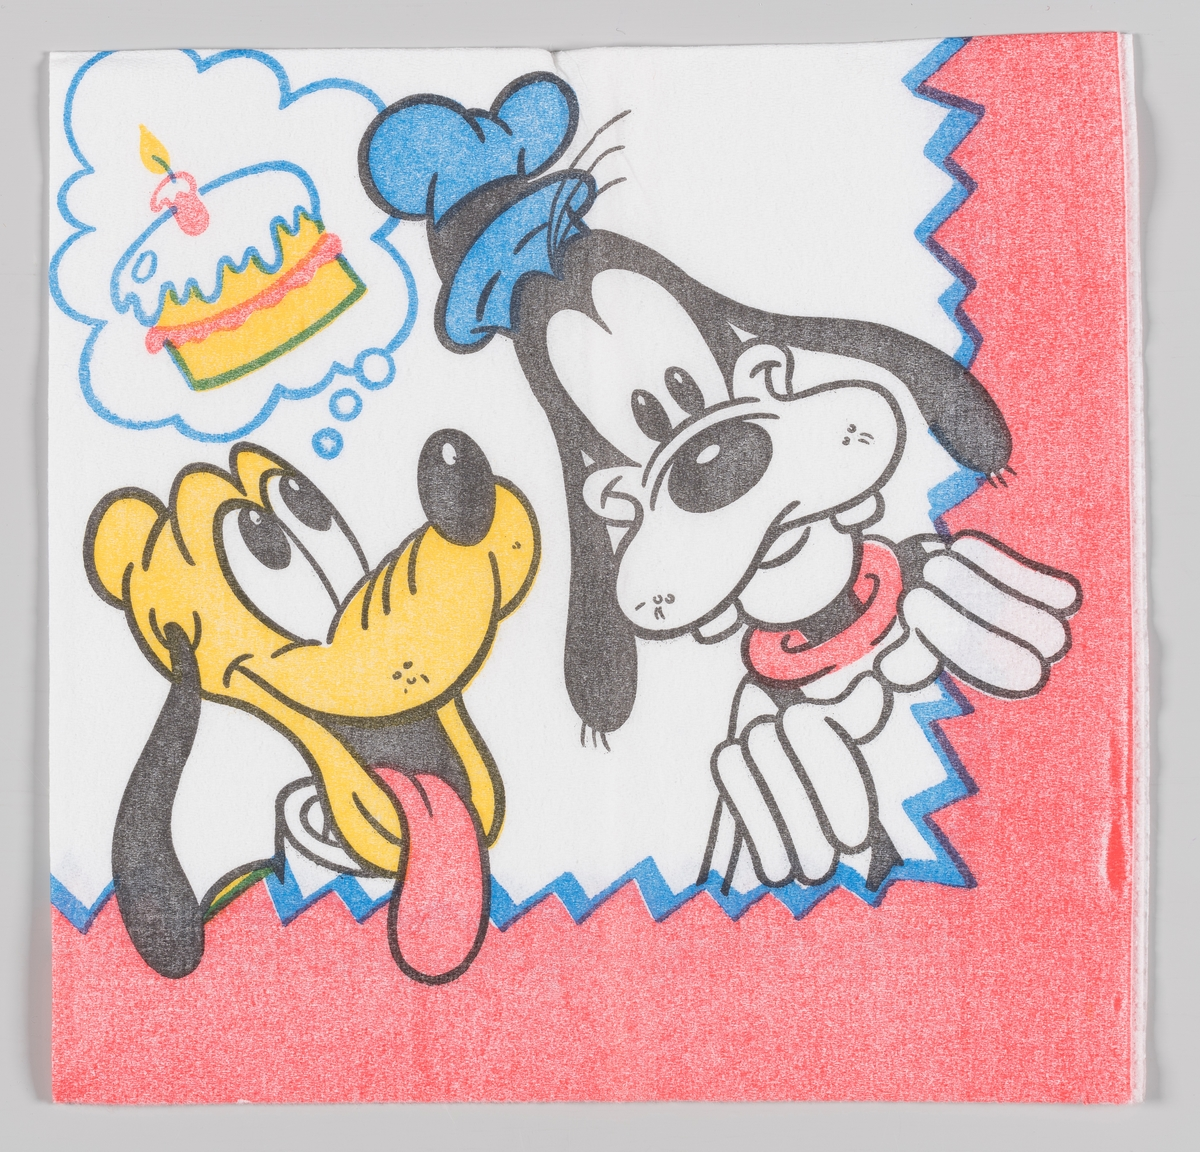 Langbein og og Pluto med en tankeboble, der det er en bursdagskake med ett lys